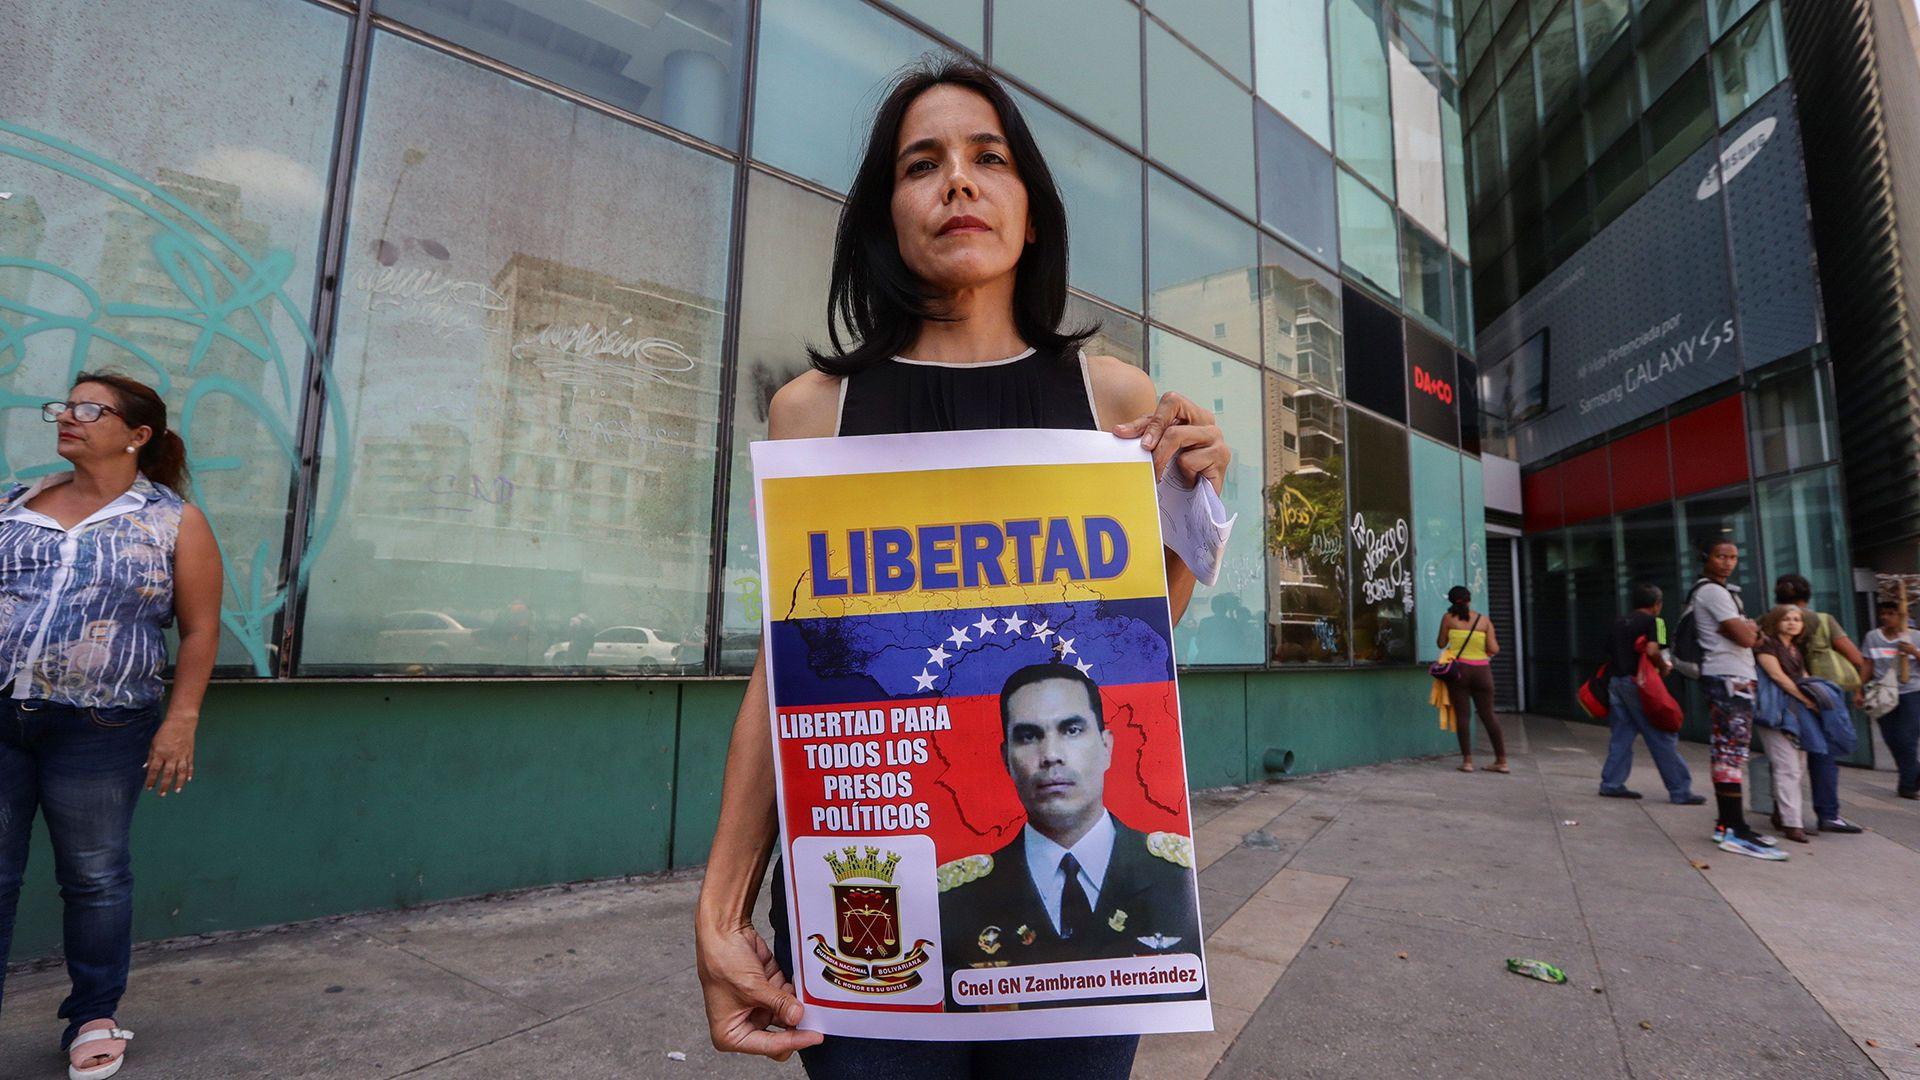 Venecia Zambrano, hermana del coronel preso Pedro Zambrano Hernandez, muestra una pancarta en la sede de la Dirección de Contrainteligencia Militar (EFE/RAYNER PEÑA R.)